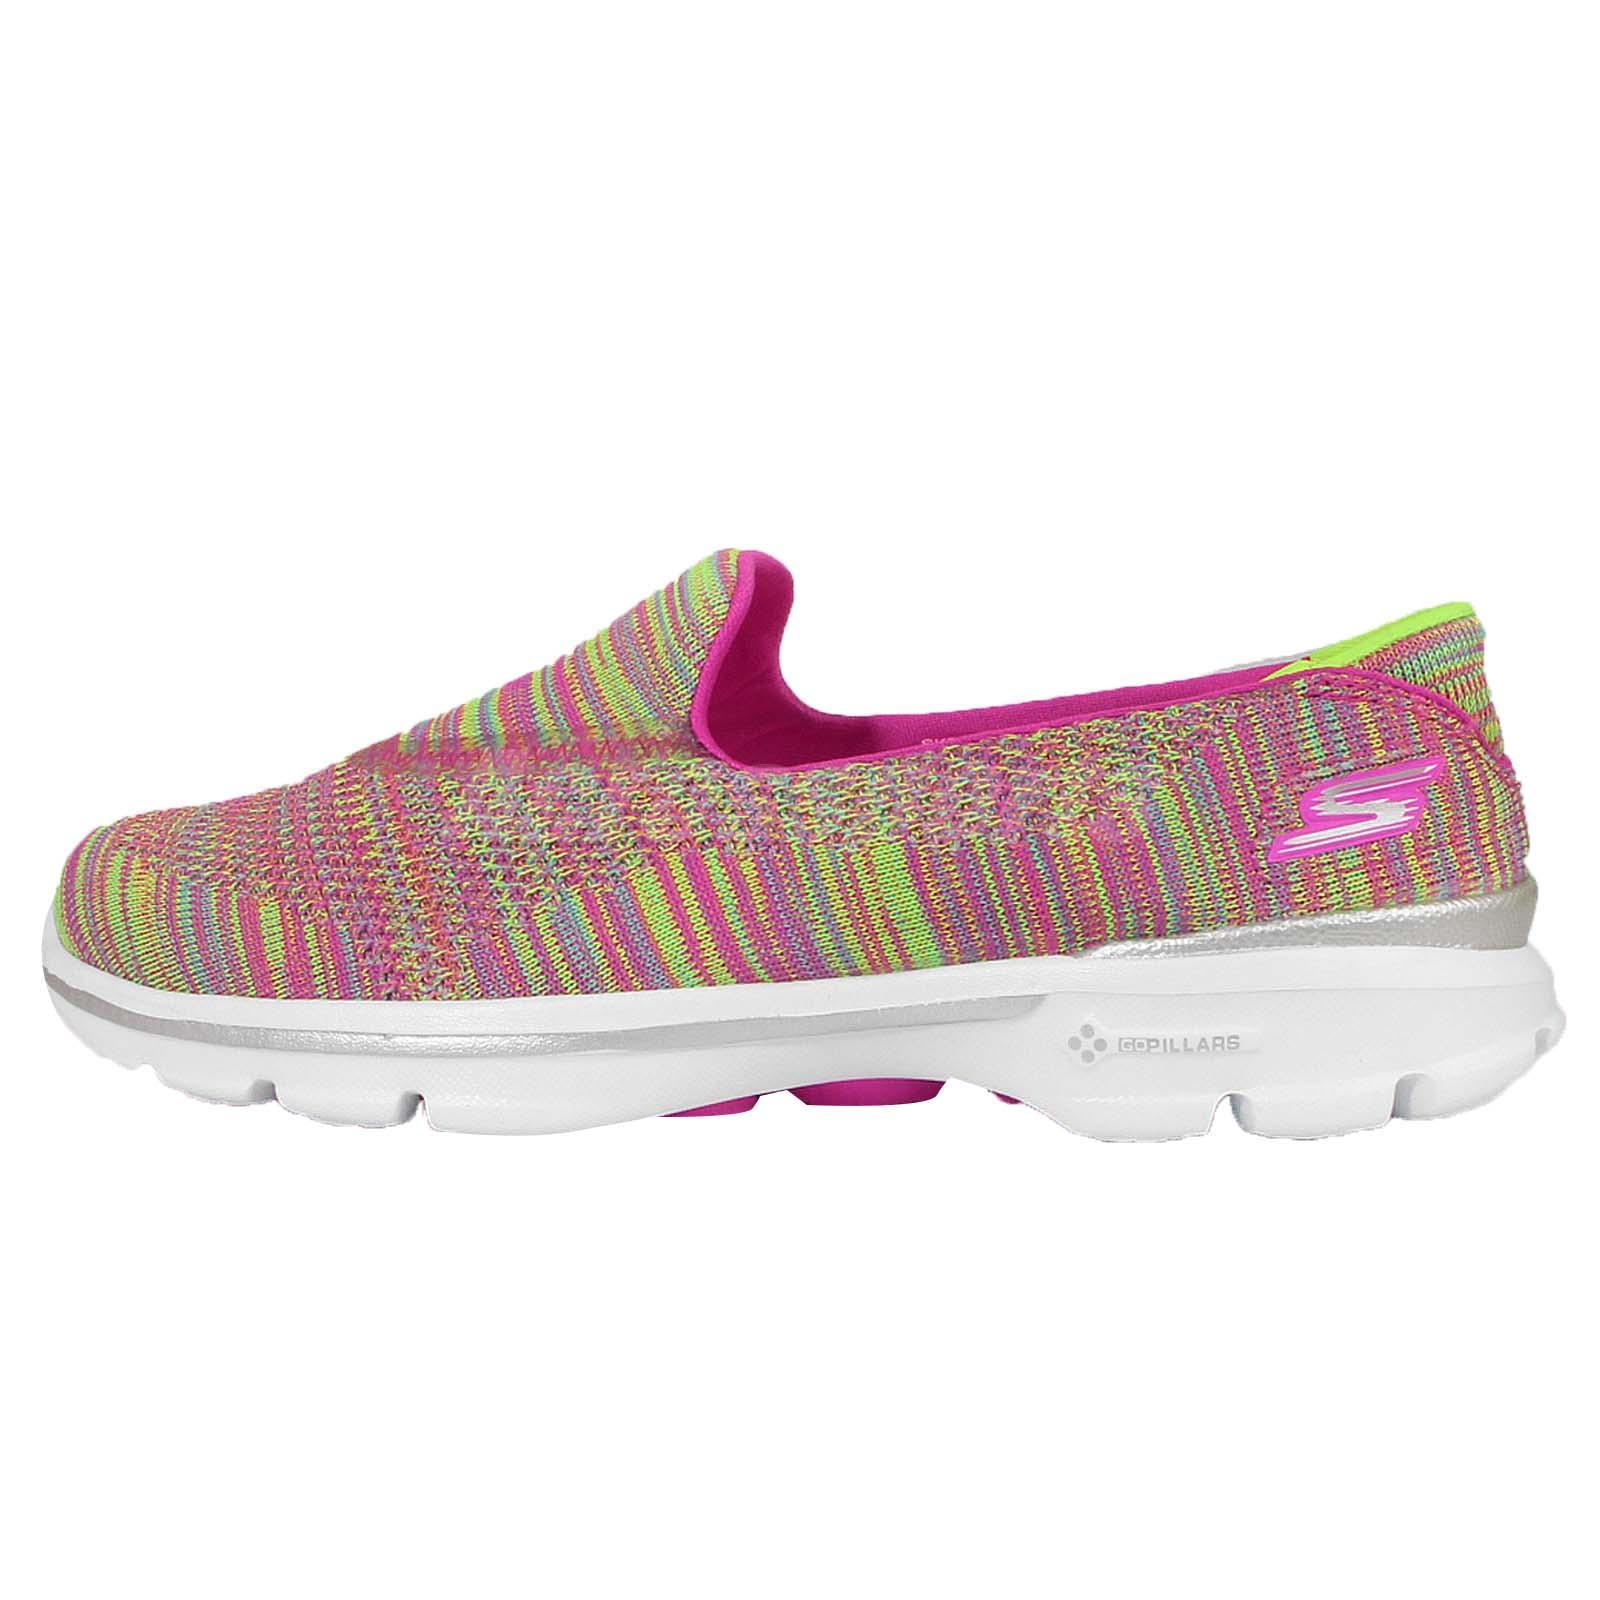 skechers go walk shoes womens